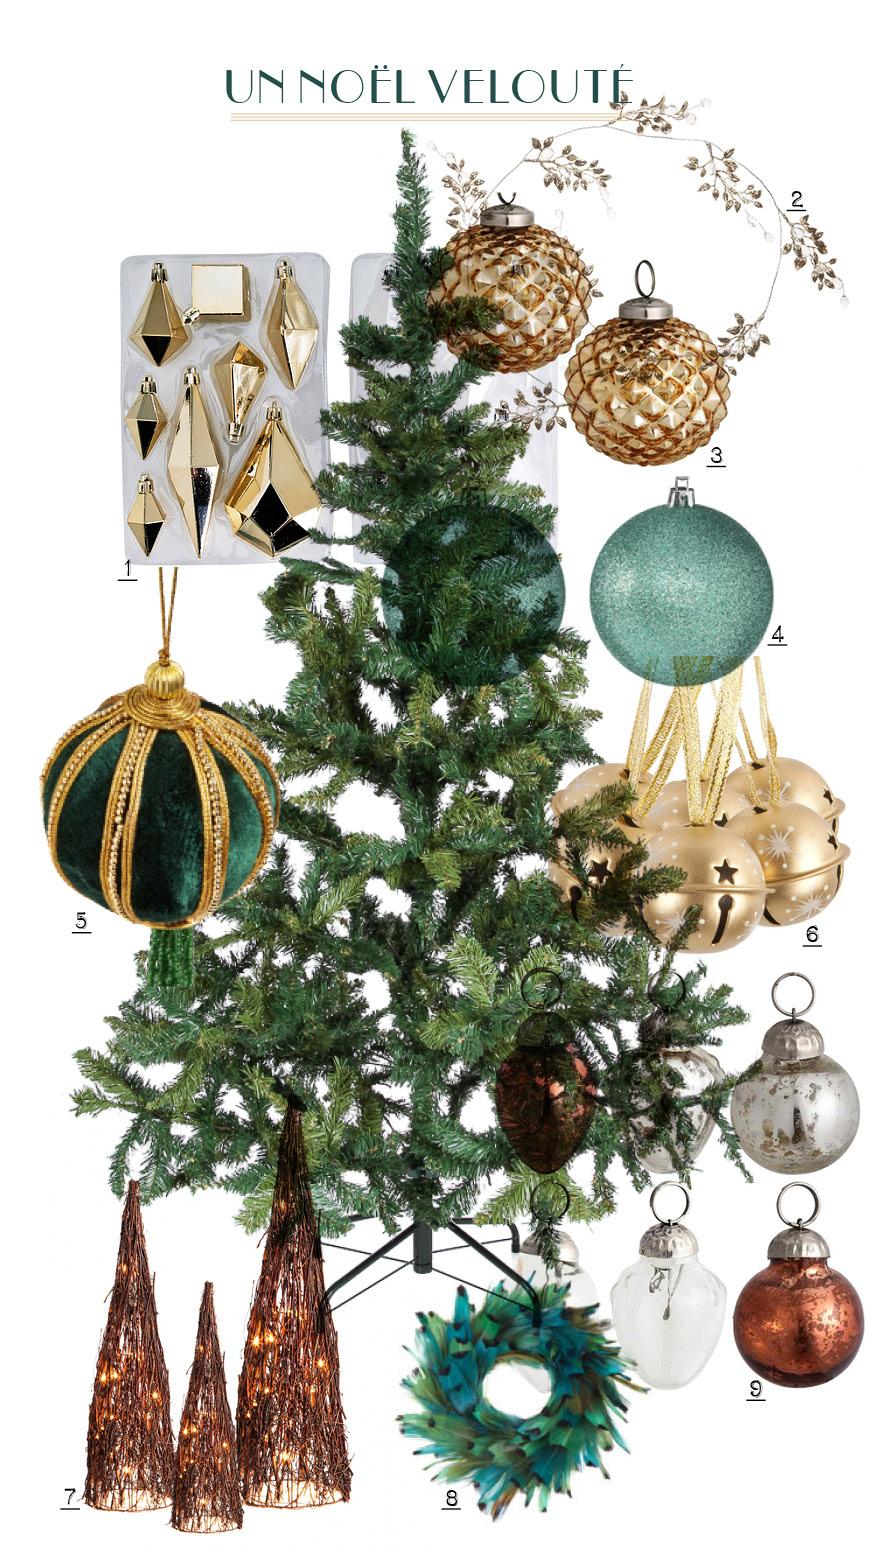 Le sapin de Noël : un décor velouté